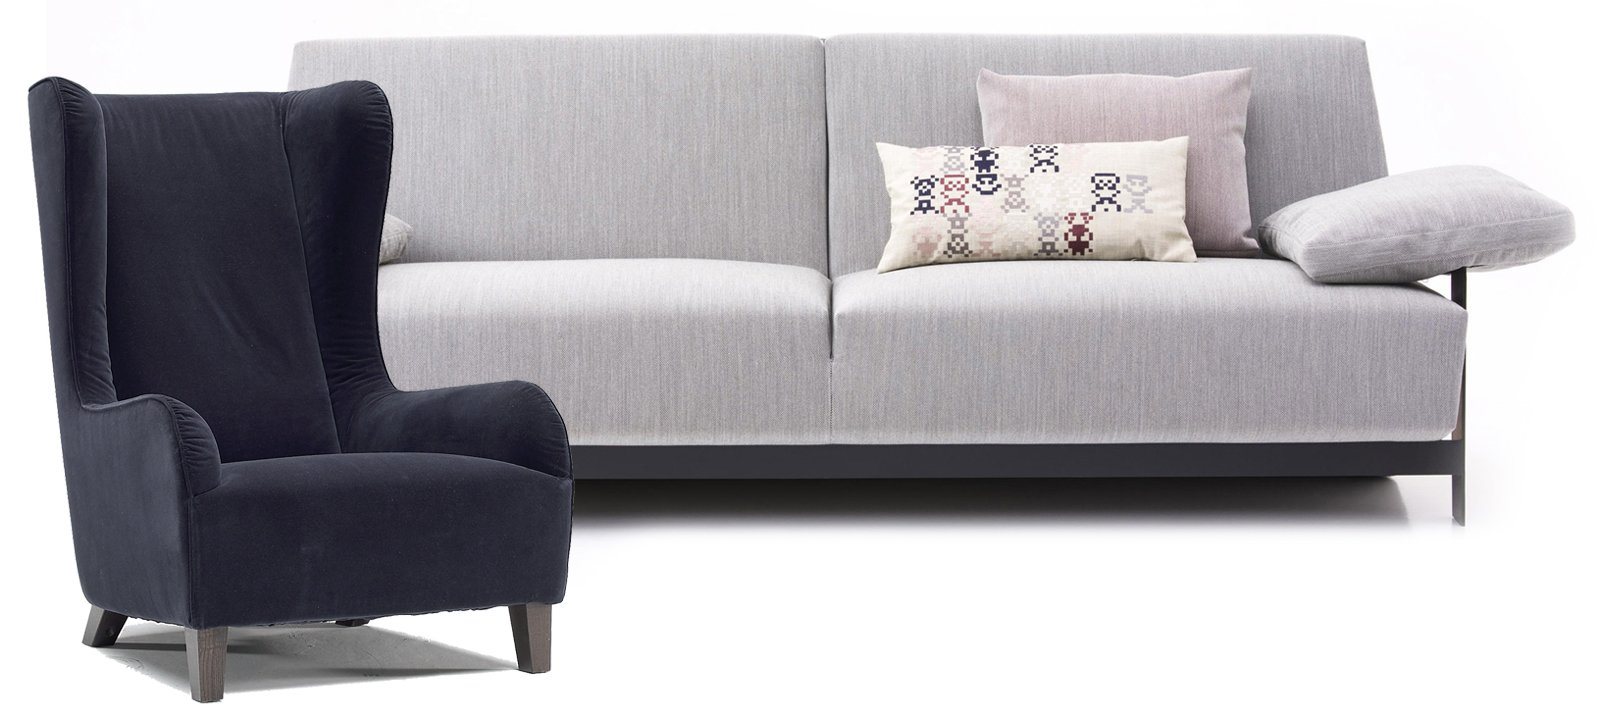 Ikea Divani Componibili In Tessuto